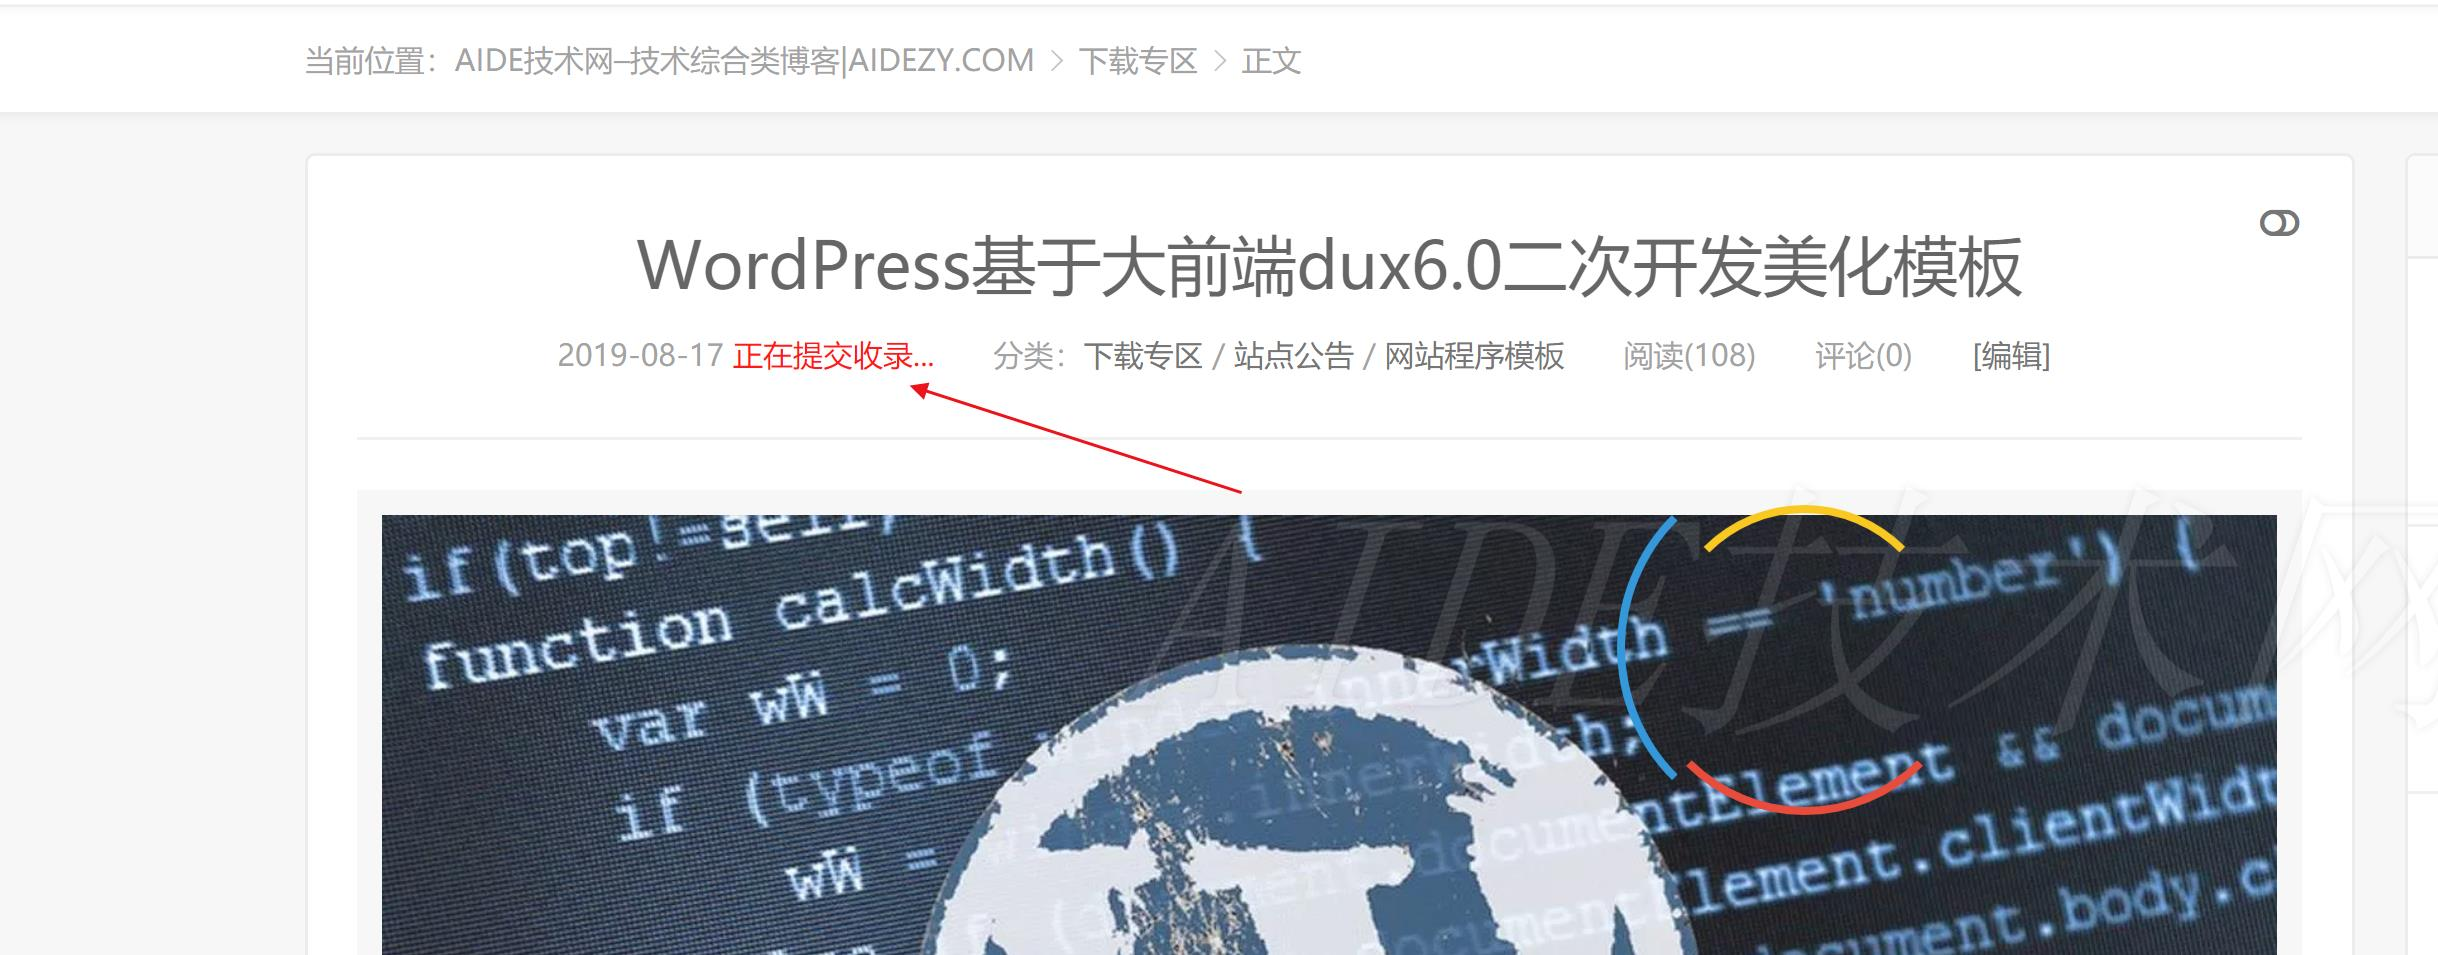 给Wordpress增加一个文章自动提交收录 WordPress教程 第2张